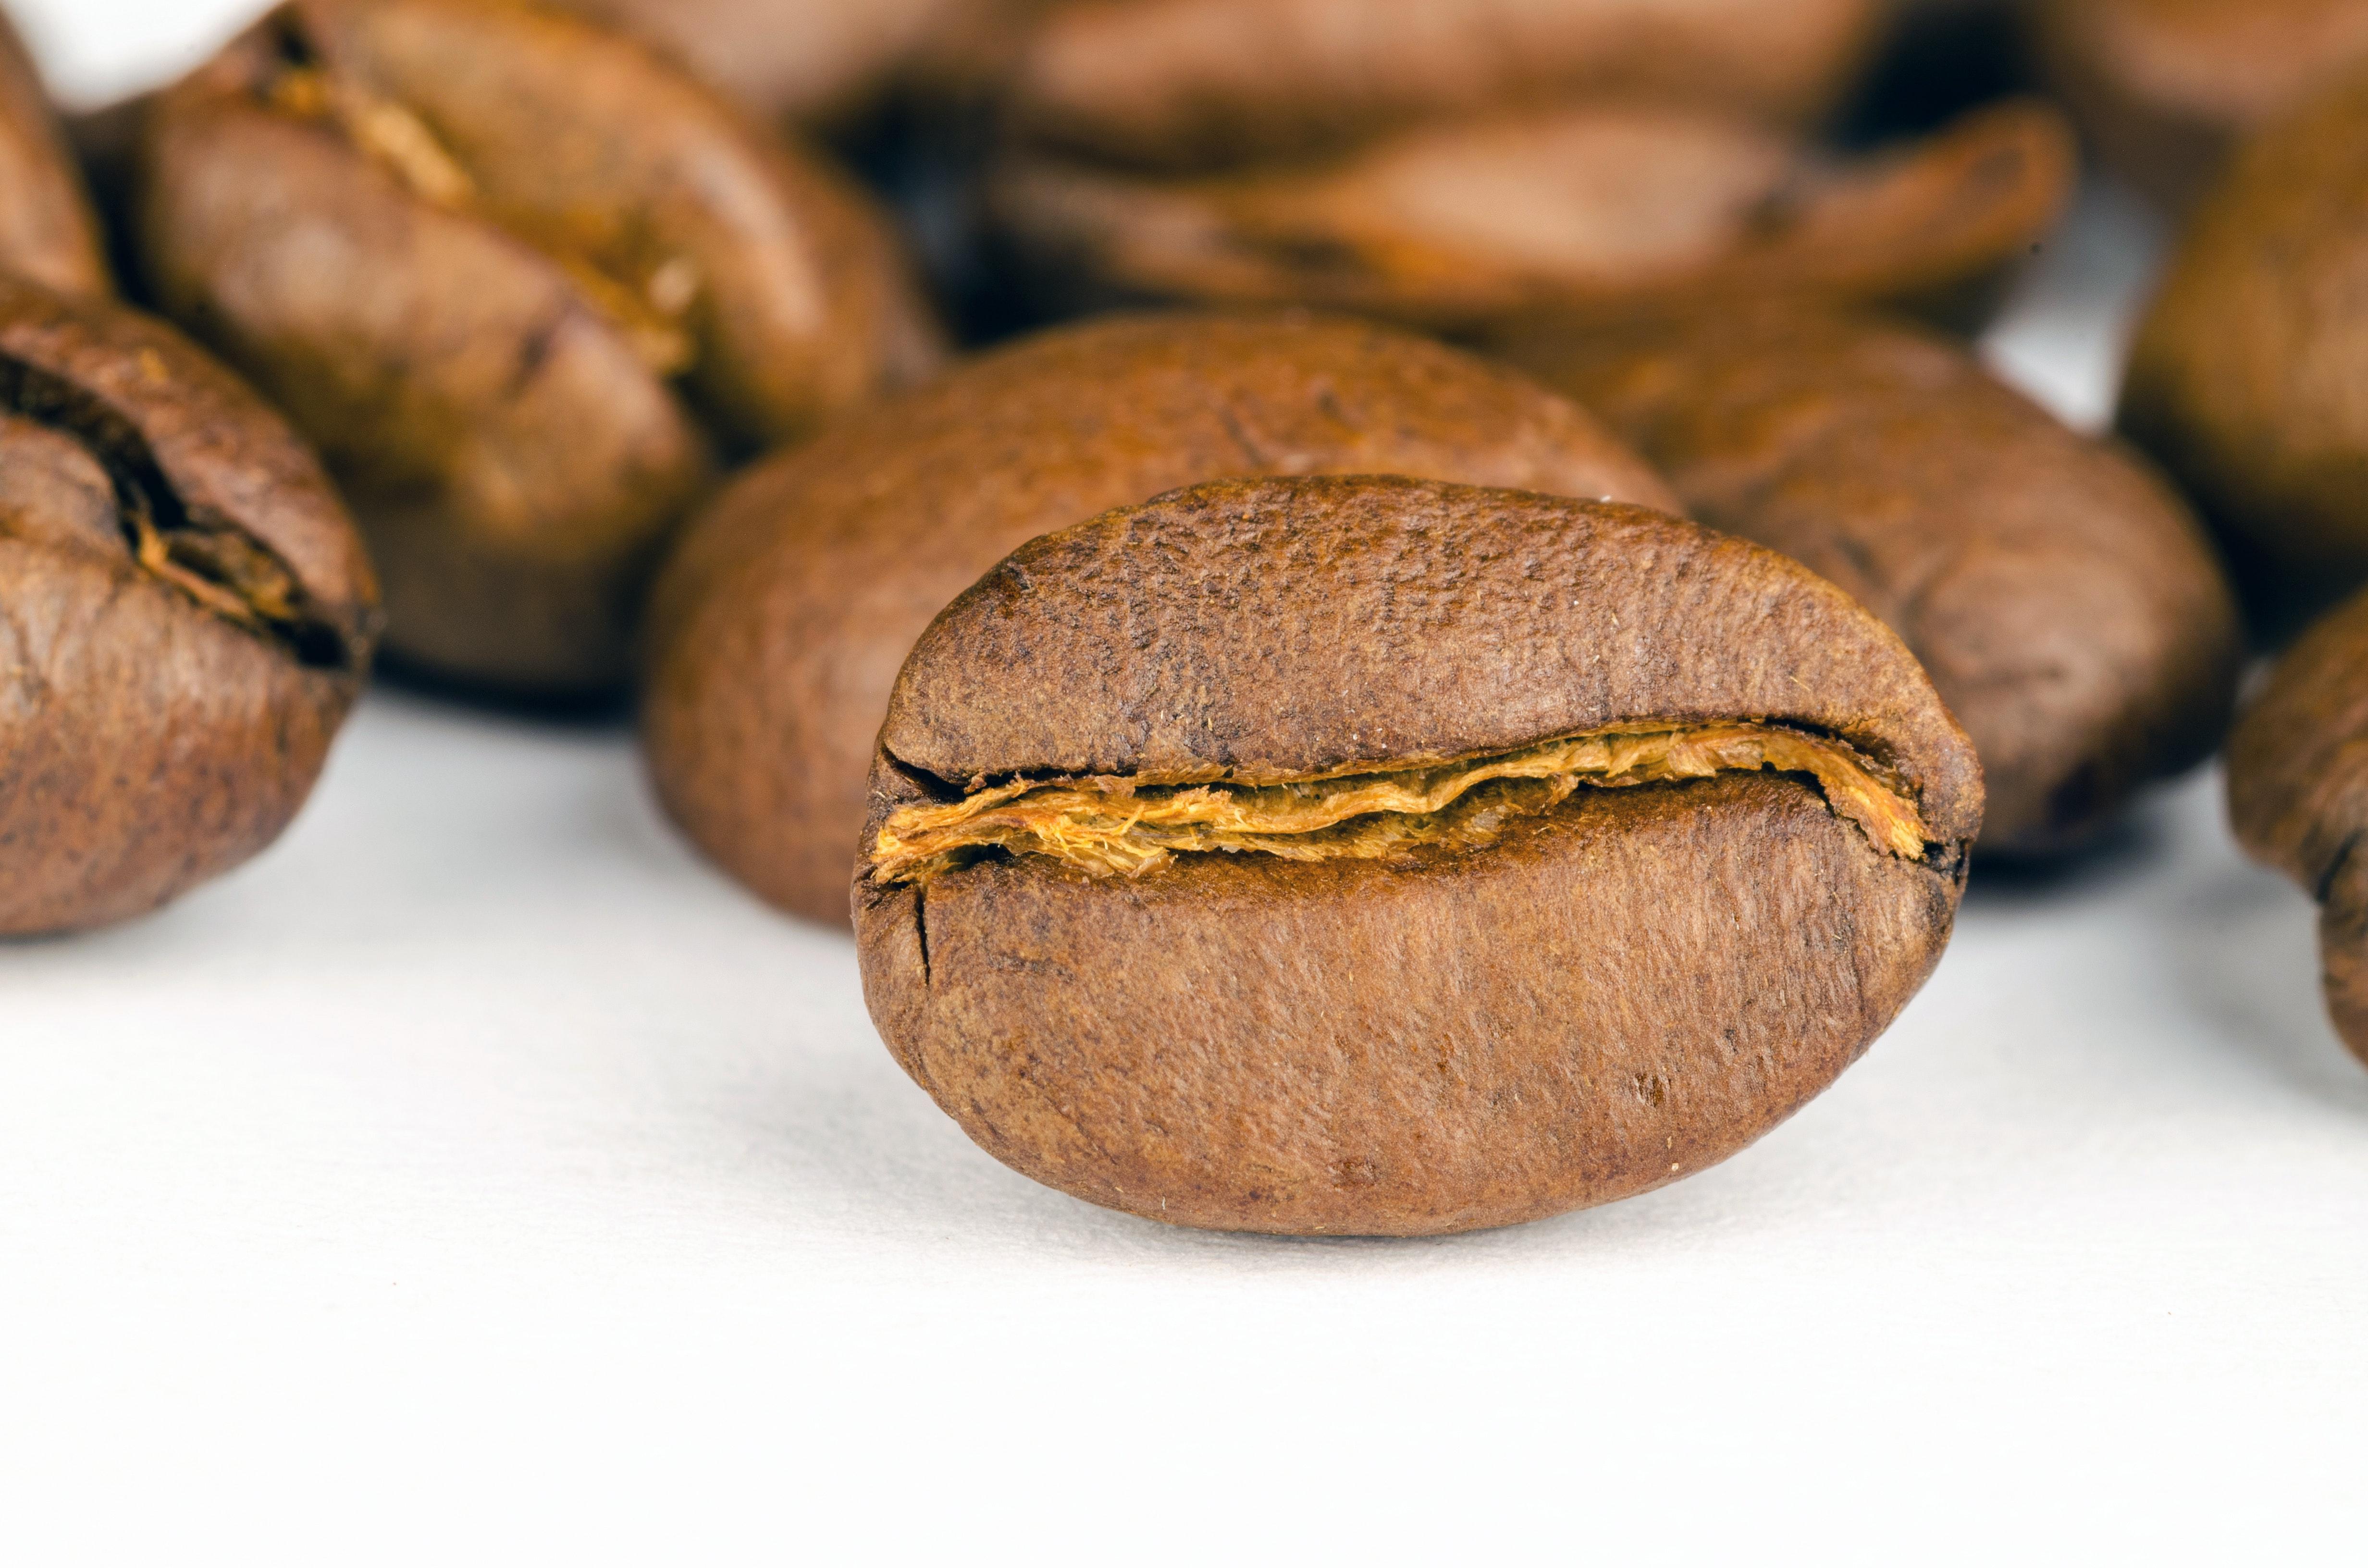 koffiebonen van dichtbij